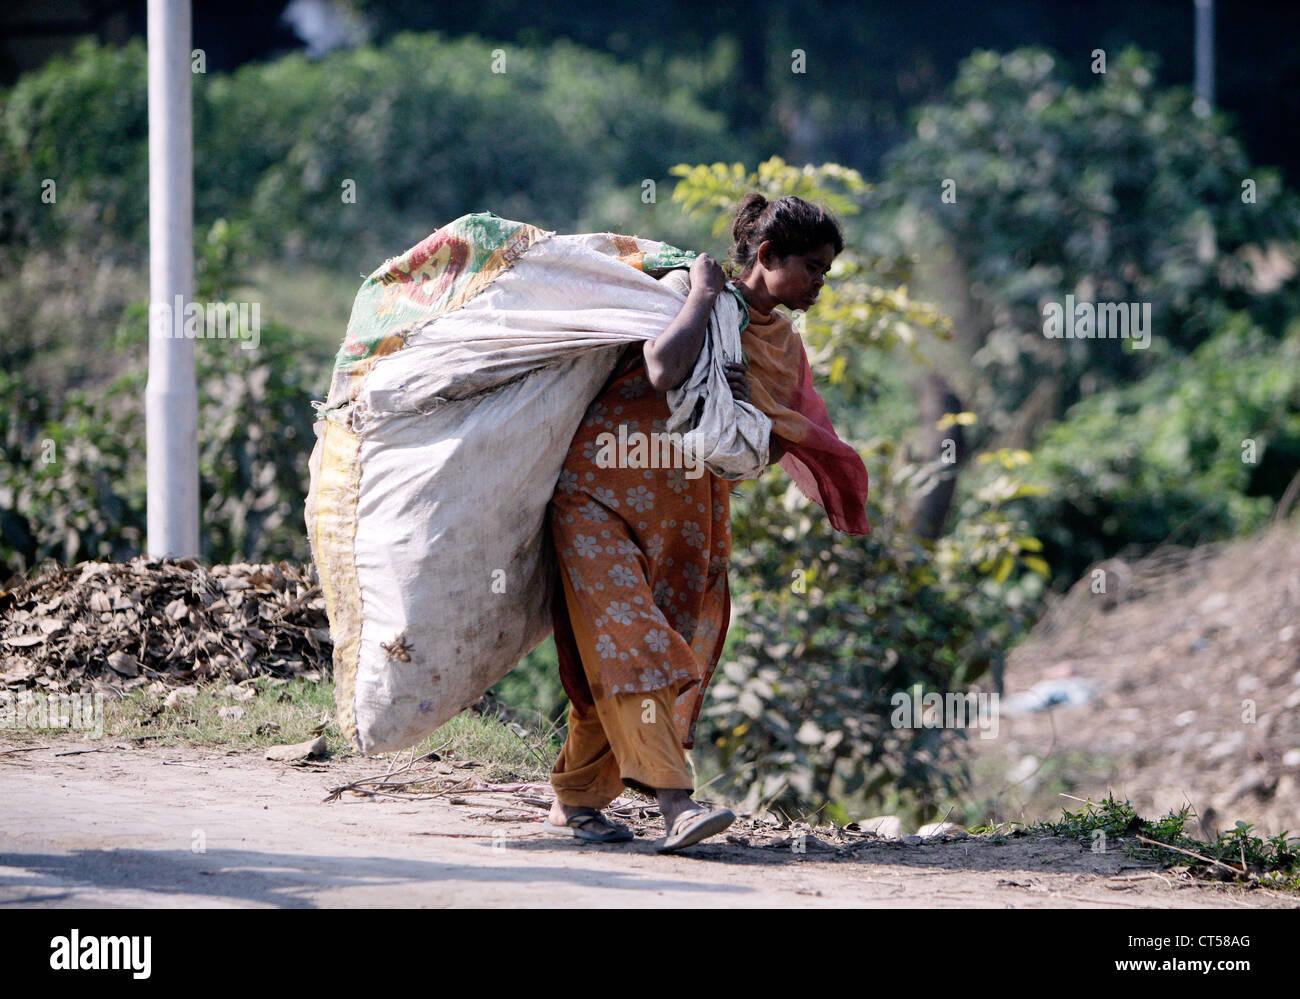 Donna con un sacco di immondizia di plastica nelle strade di Lucknow, Uttar Predesh, India Immagini Stock